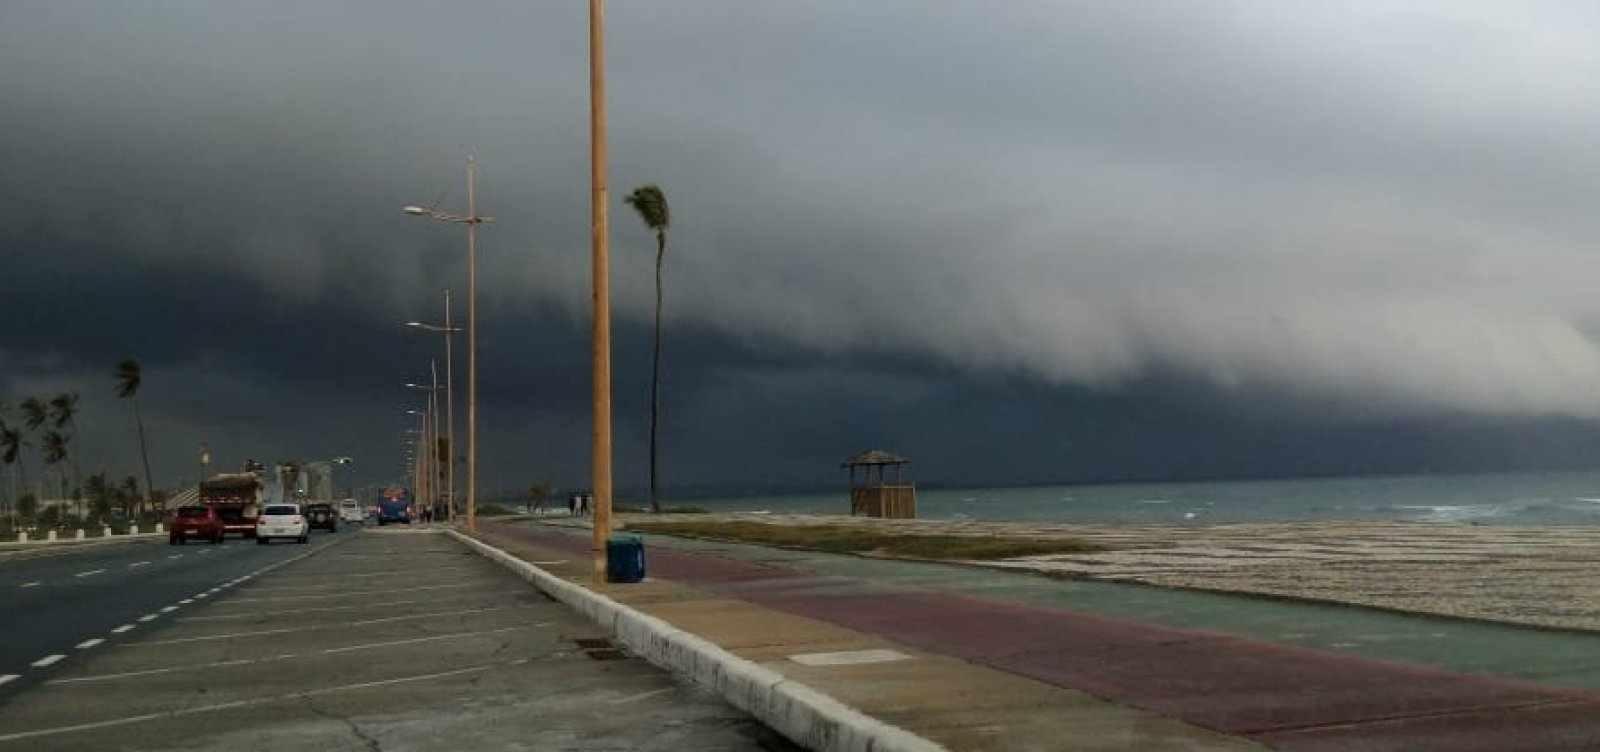 [Previsão do tempo aponta chuvas em Salvador até o próximo sábado]